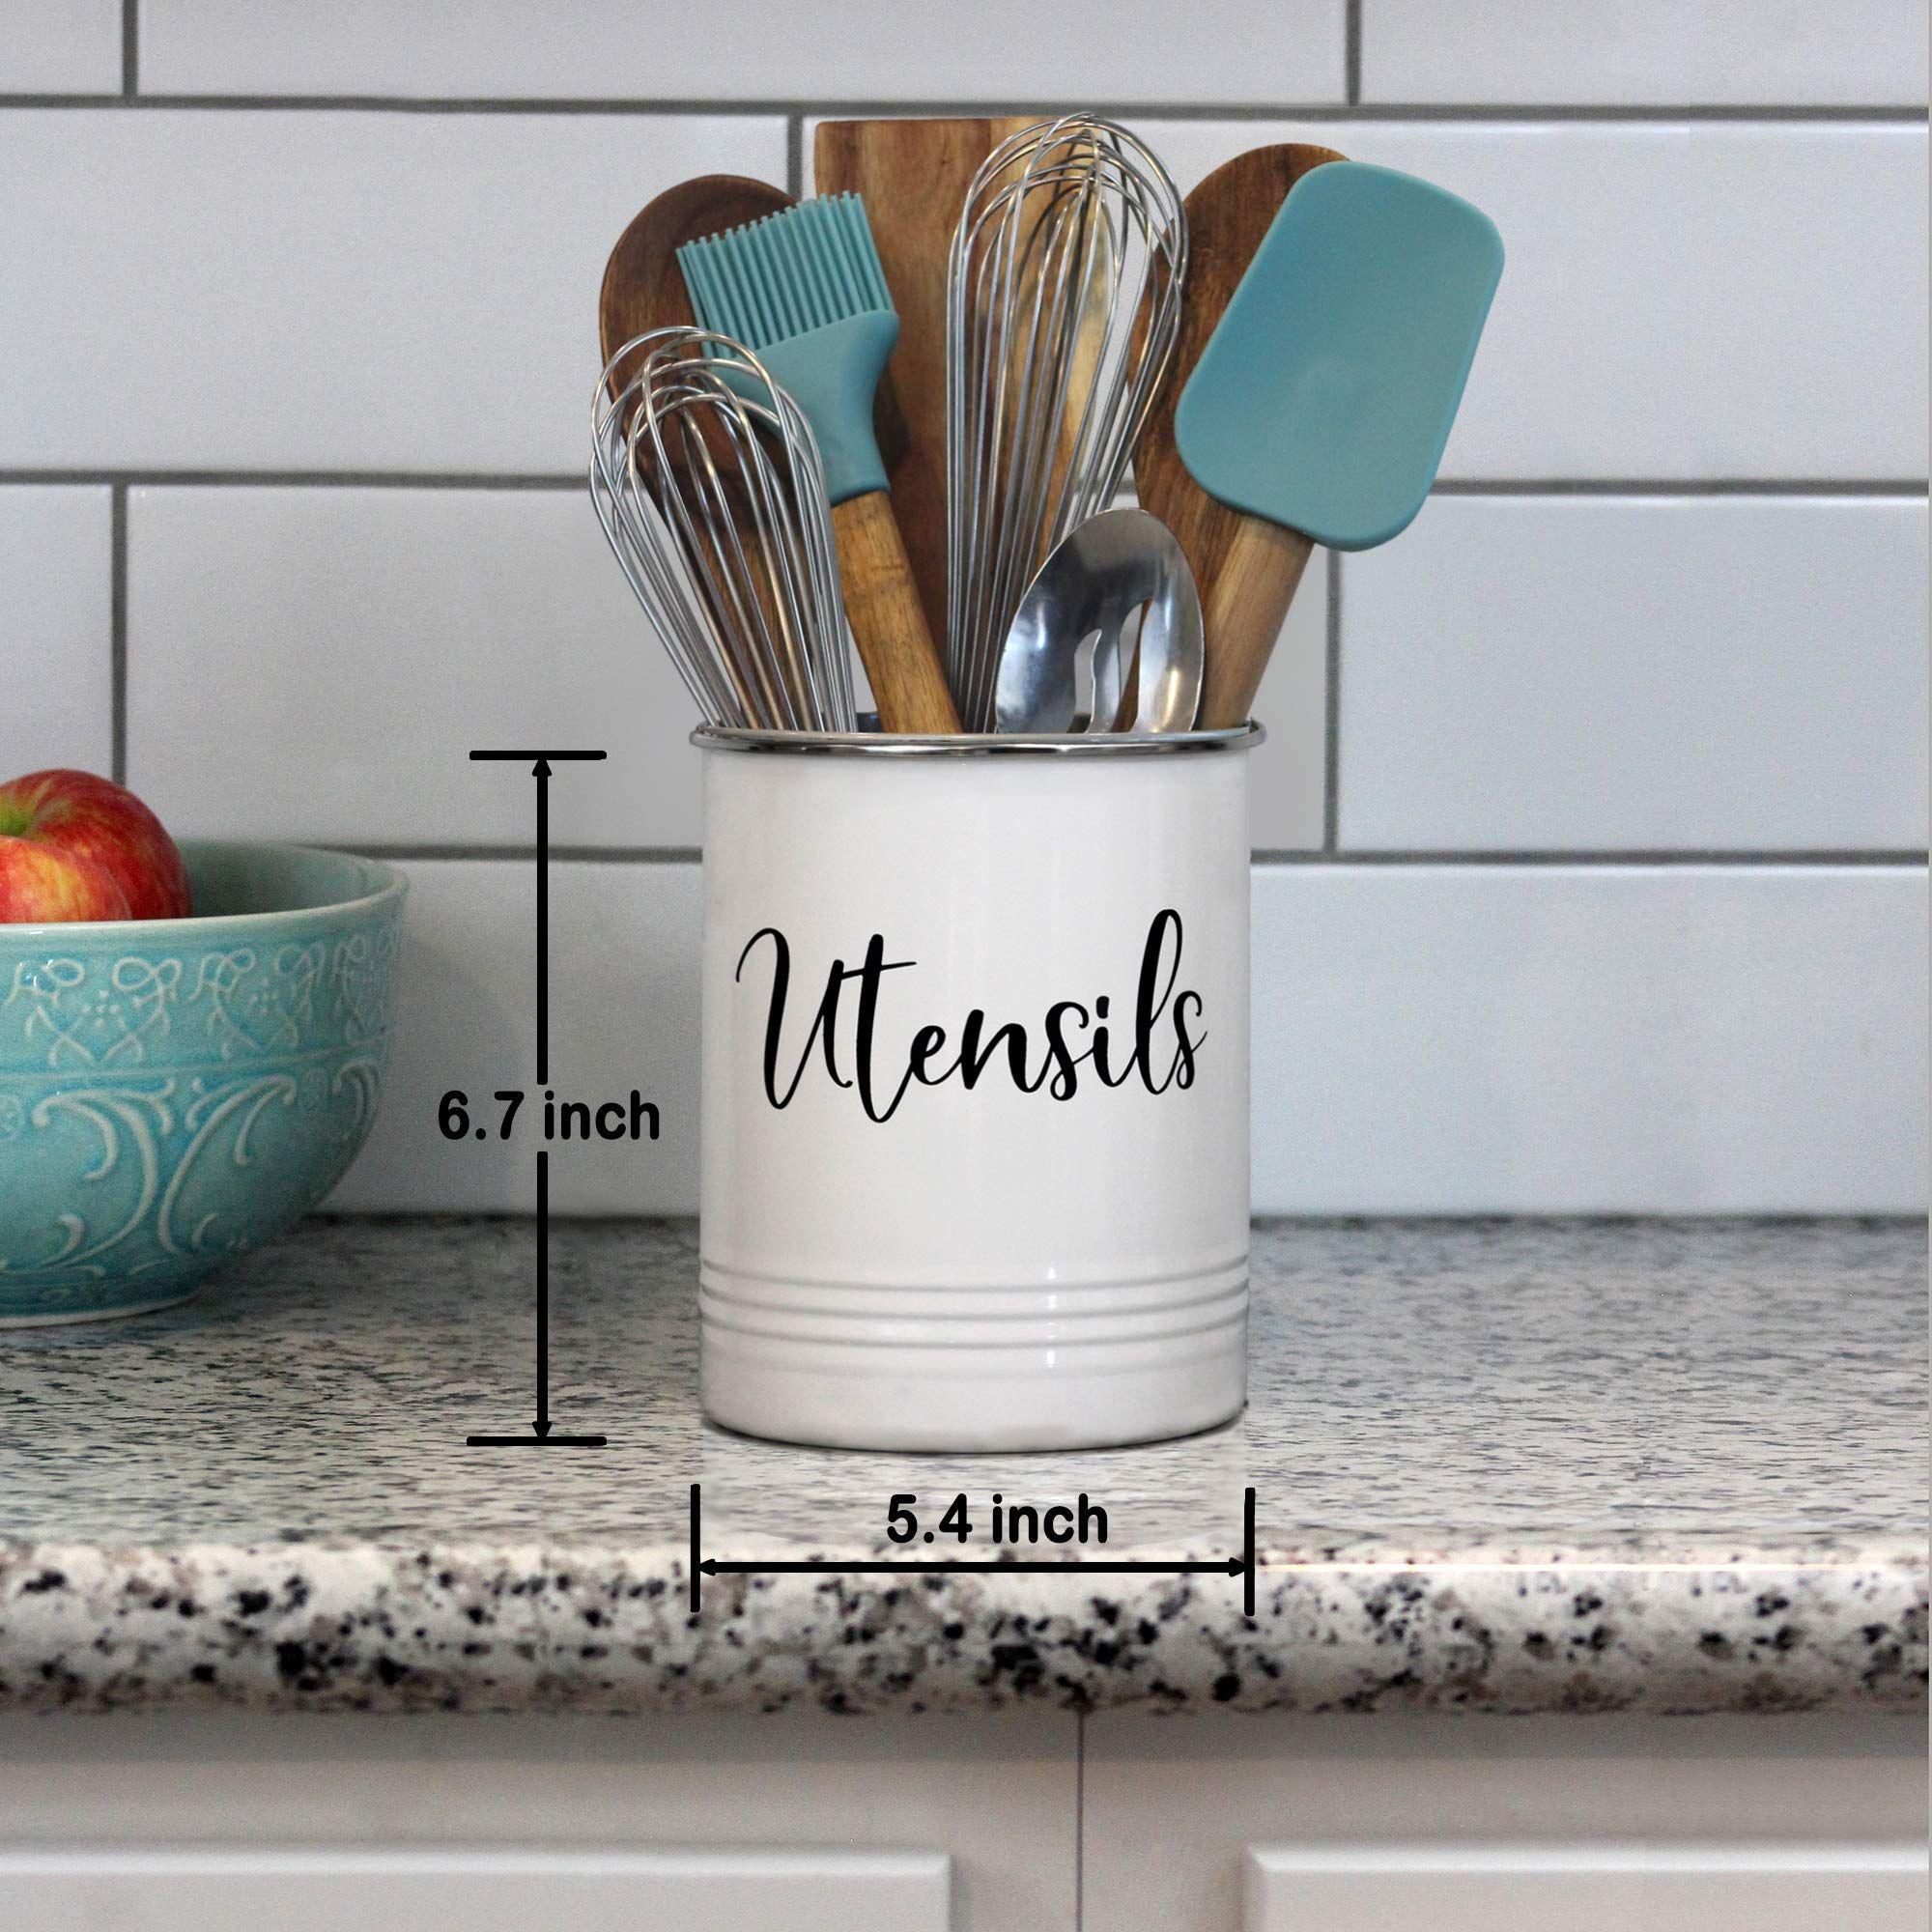 kitchen utensil holder modern farmhouse kitchen decor large white and black utensil crock vin on farmhouse kitchen utensils id=71578